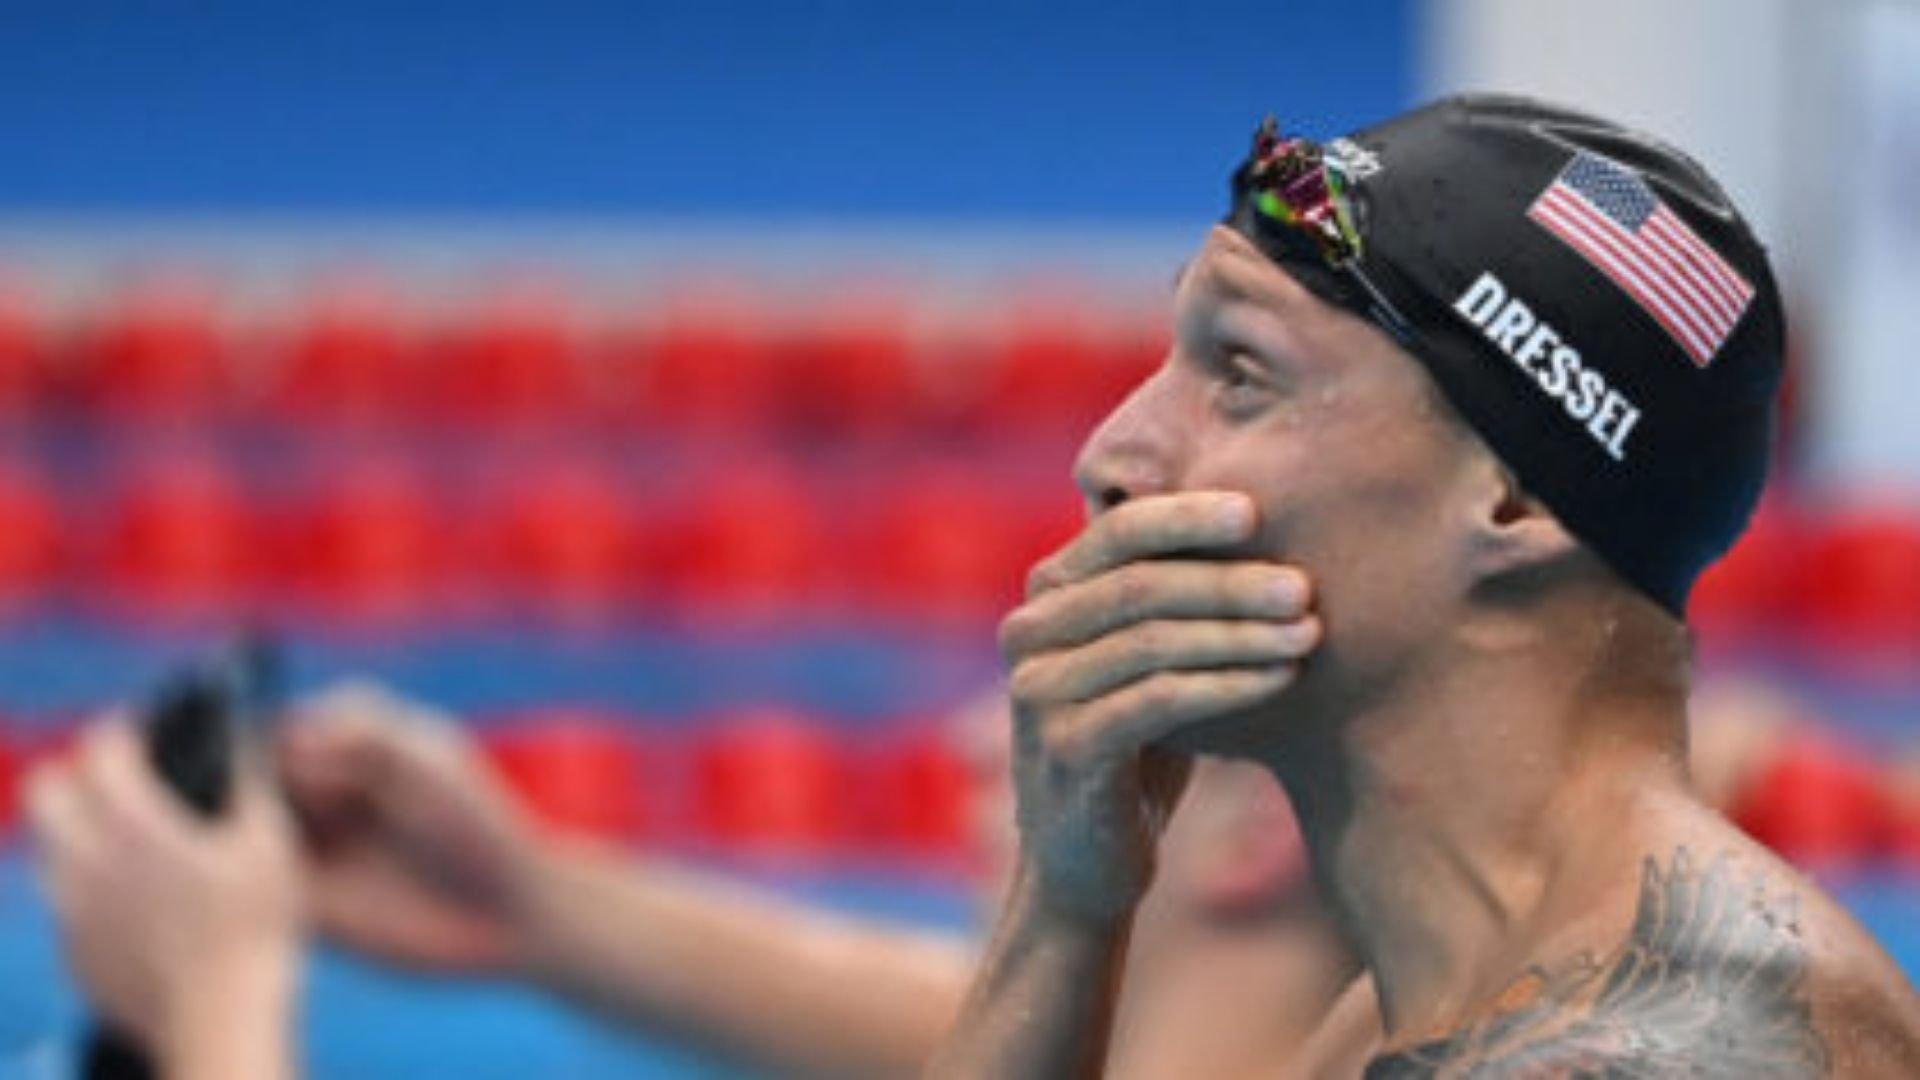 """Nadador ganha 5 medalhas de ouro e exalta Deus nas Olimpíadas: """"Confio no que Ele faz"""""""